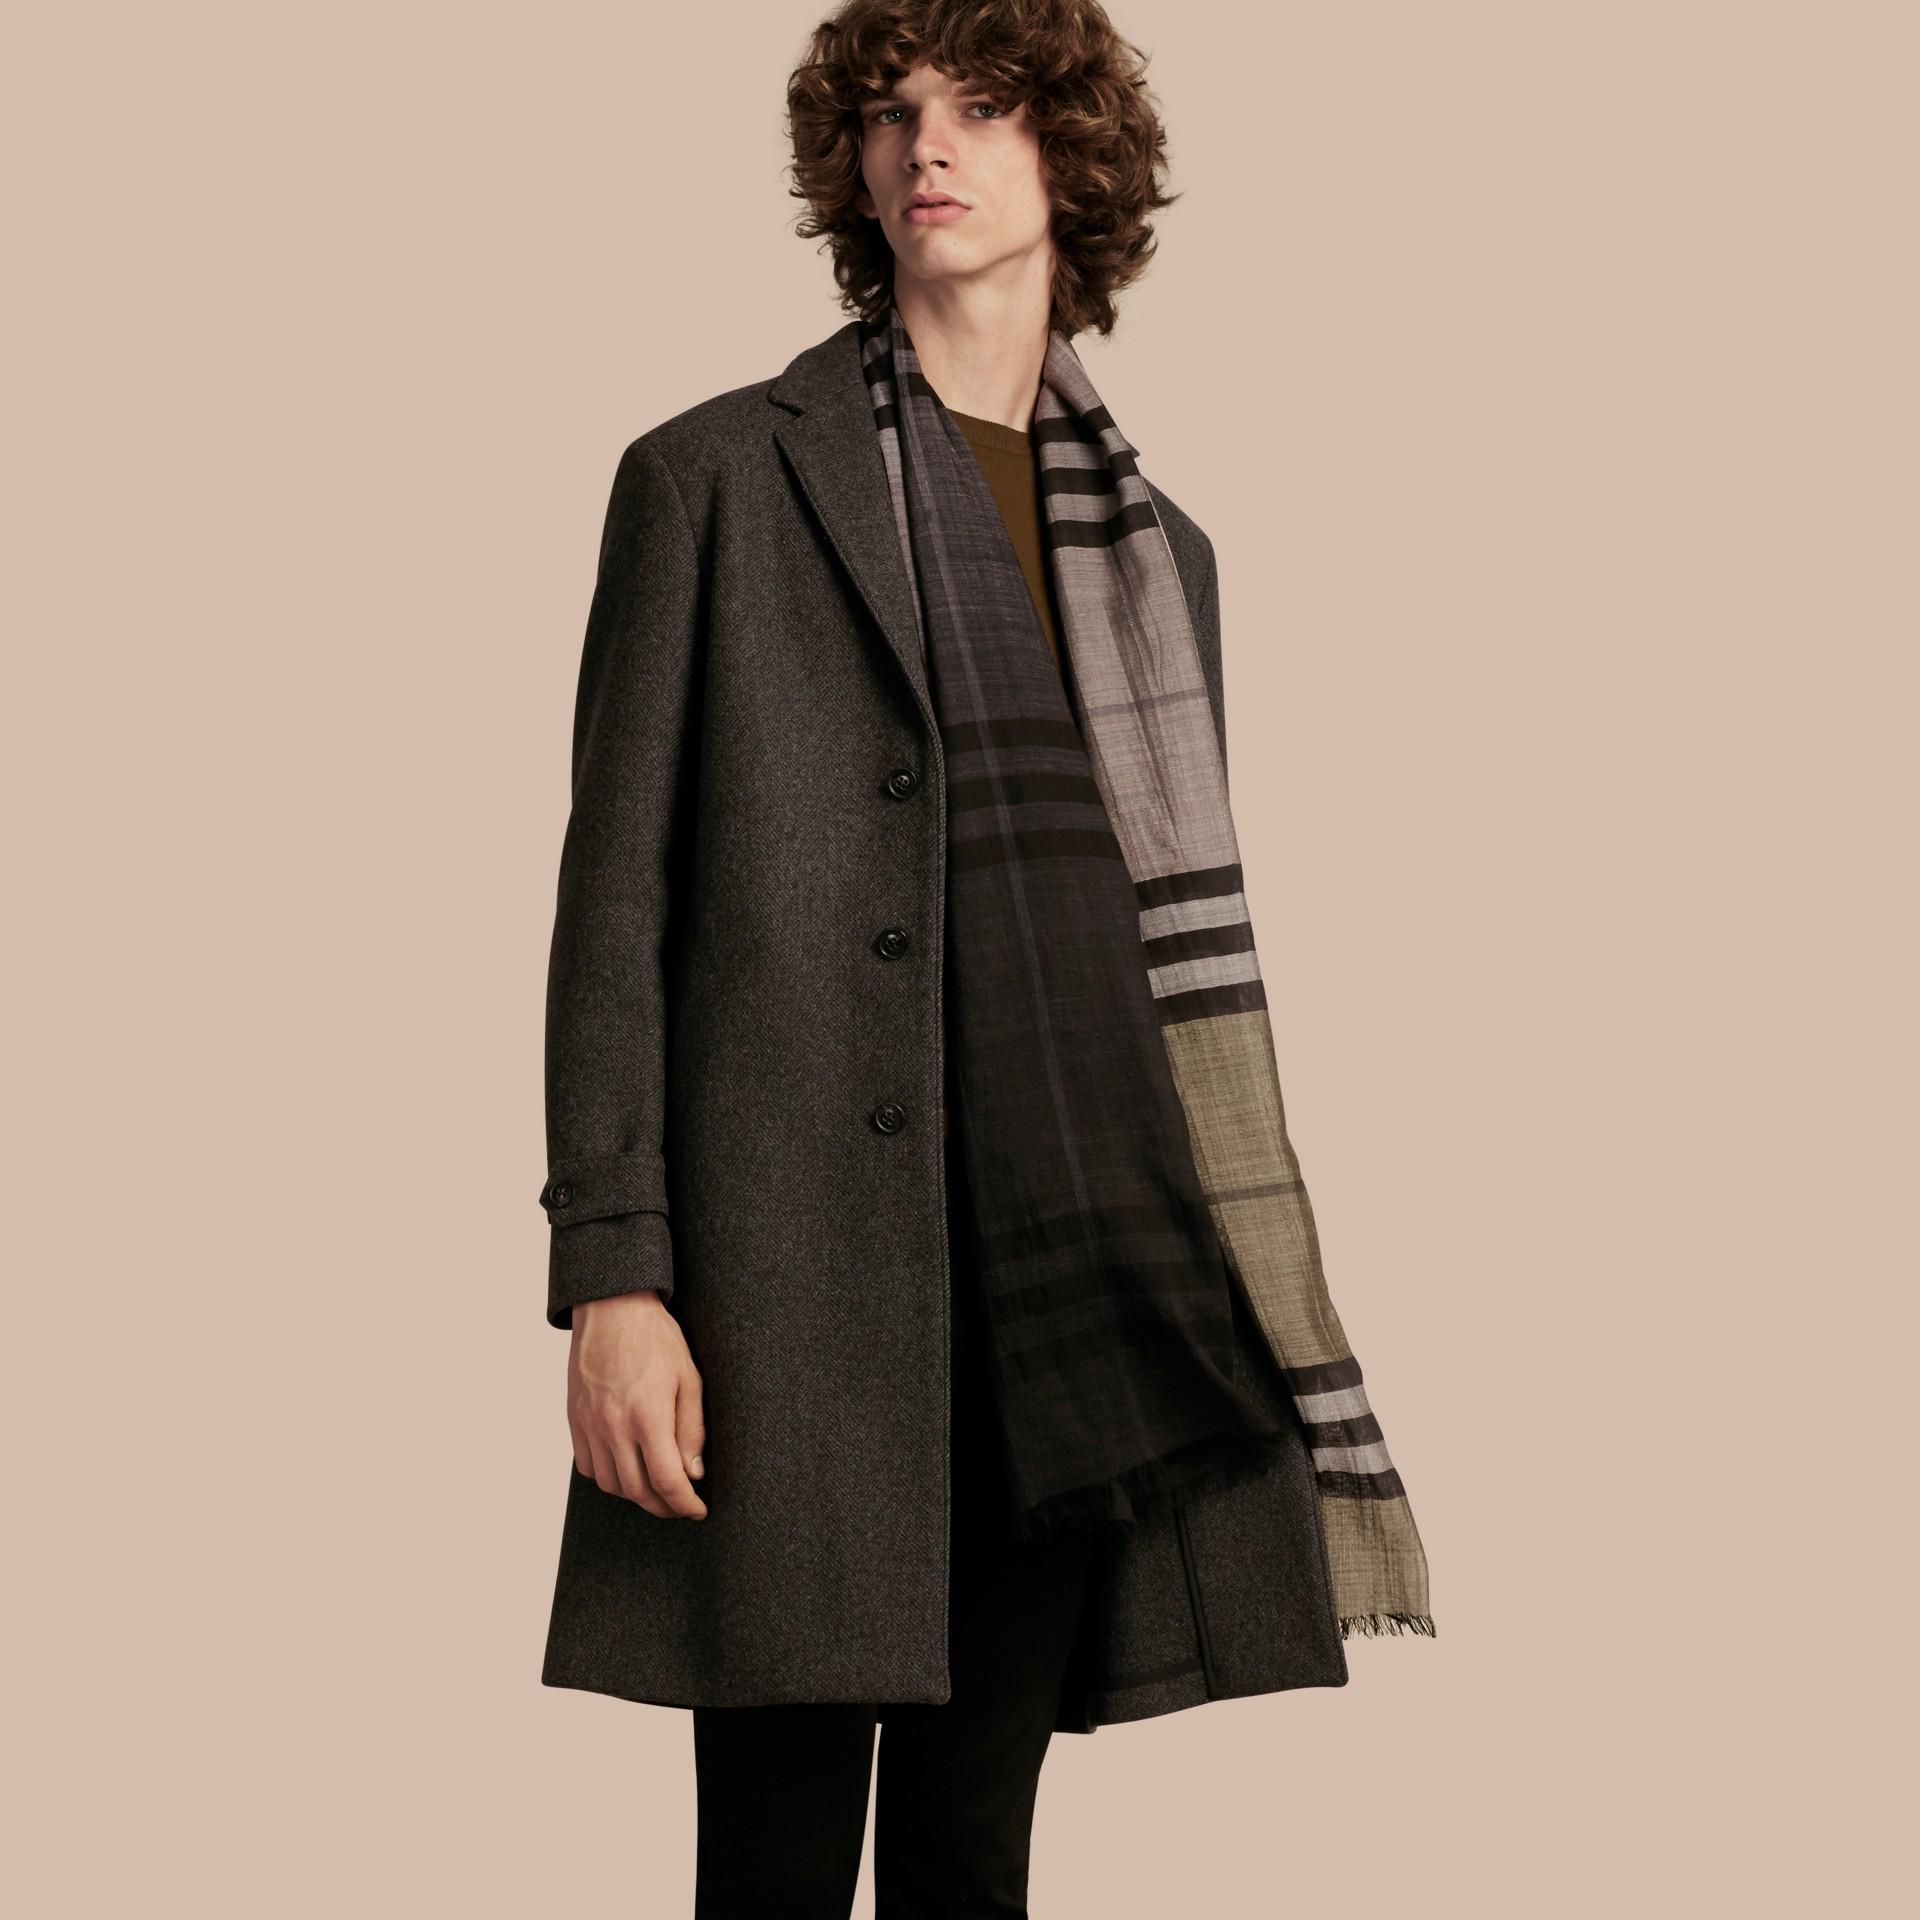 Camaïeu anthracite Manteau ajusté à boutonnage simple en laine mélangée - photo de la galerie 1